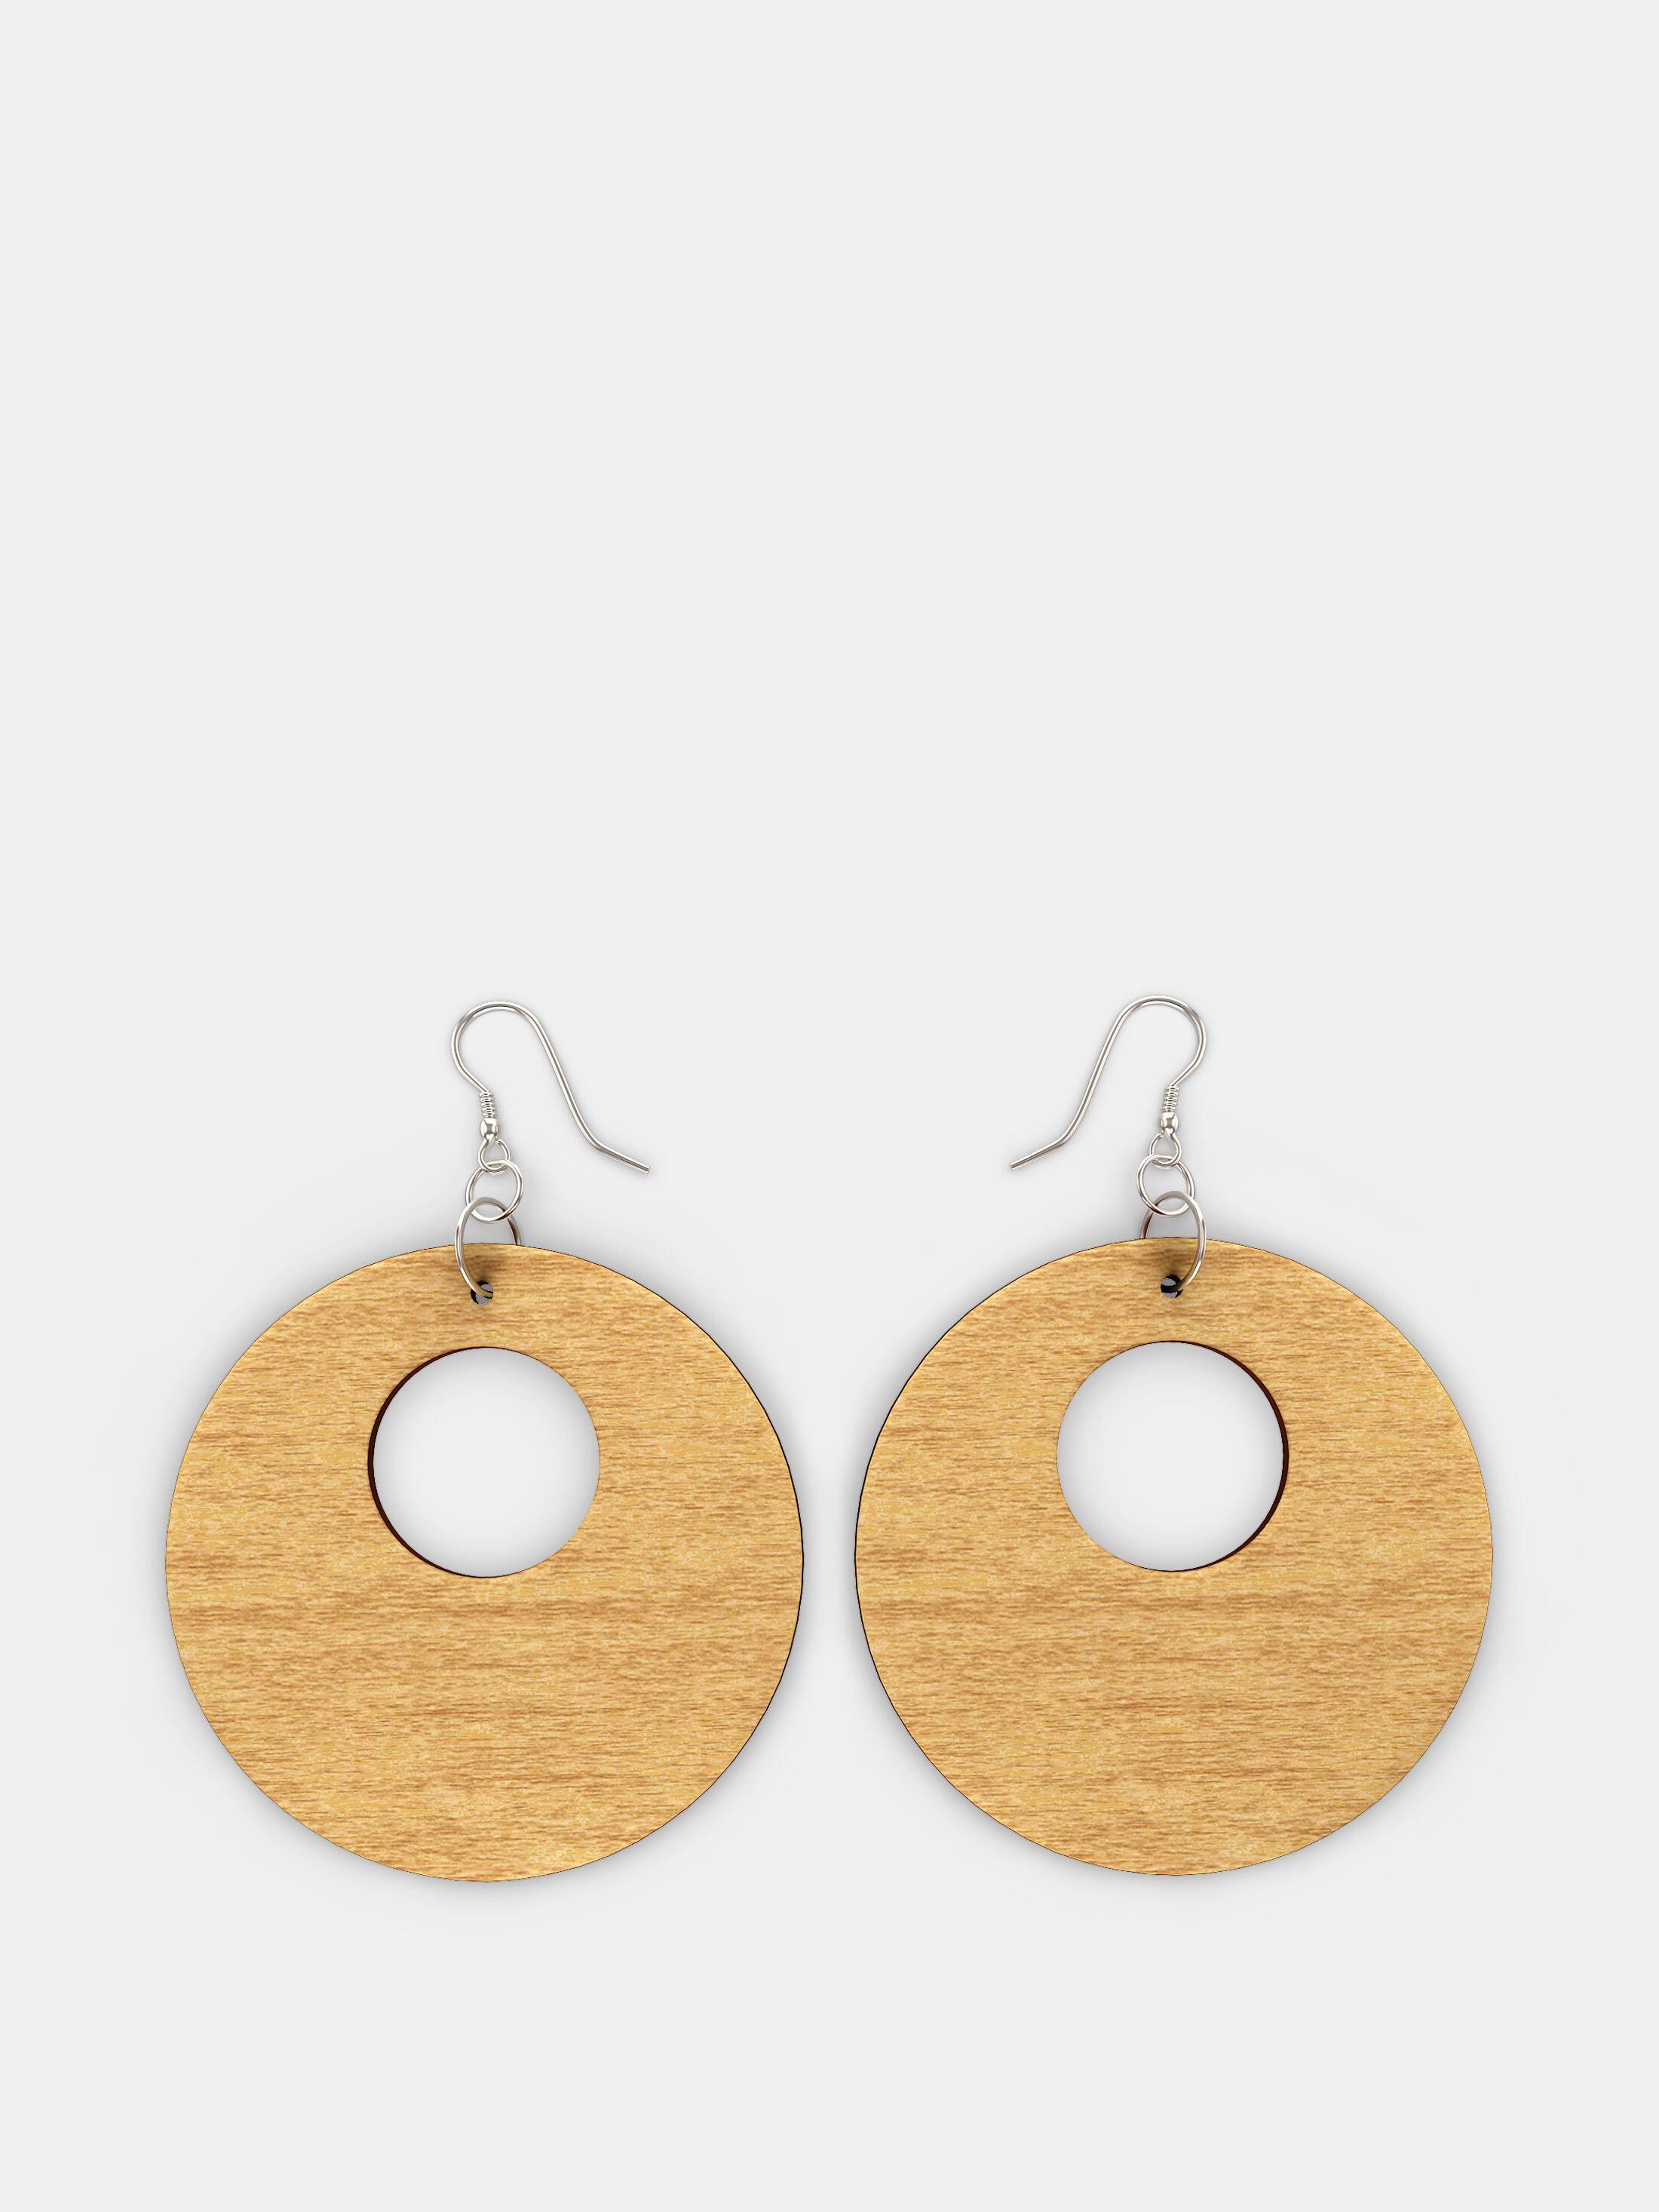 pendientes de madera personalizados en blanco